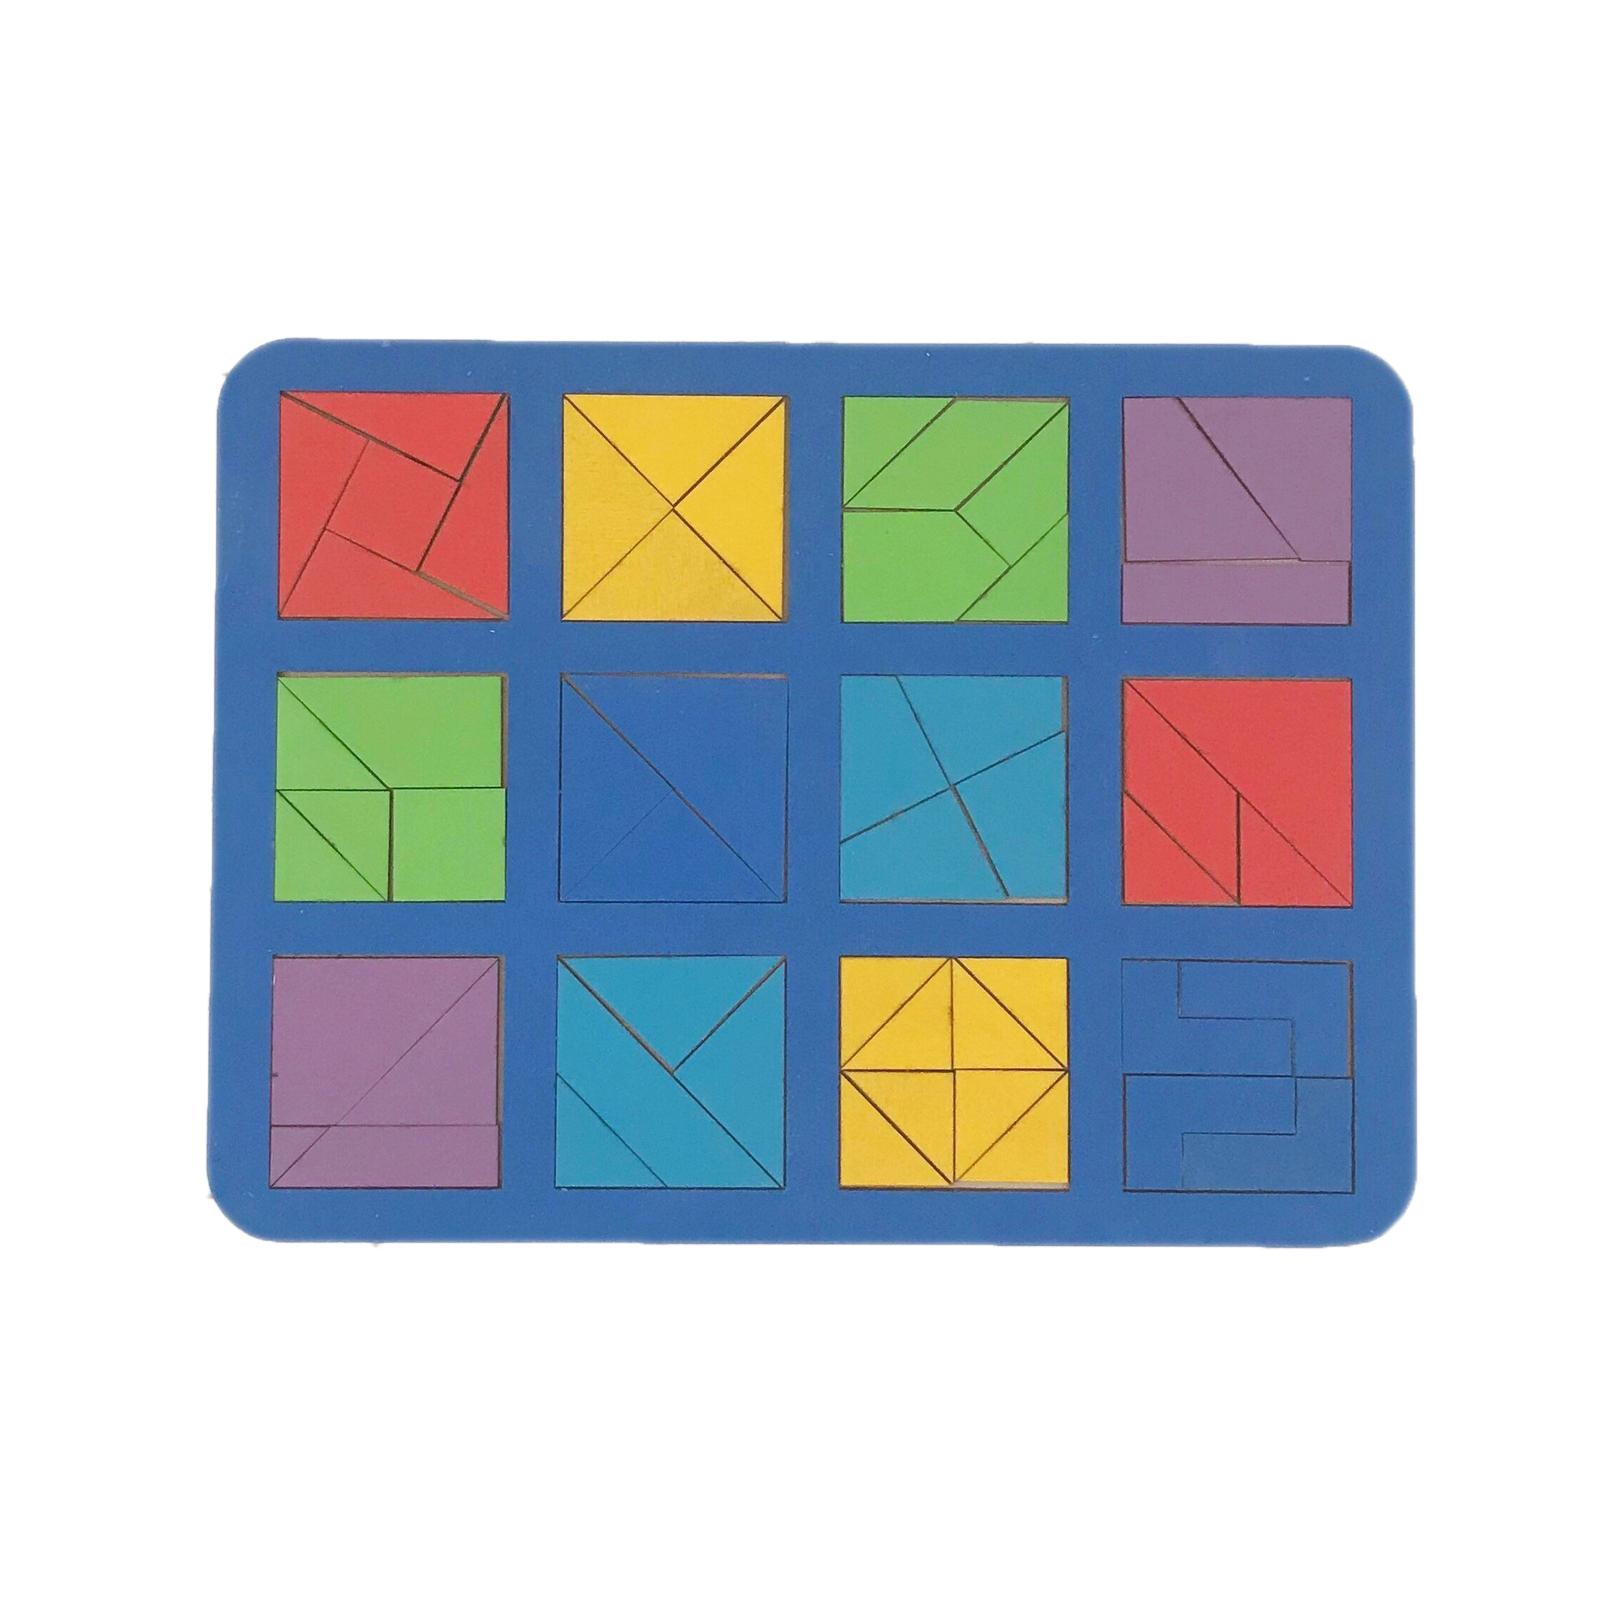 Купить Woodland Сложи квадрат - Б.П.Никитин - рамка вкладыш | 12 квадратов, 2-ой уровень, Россия